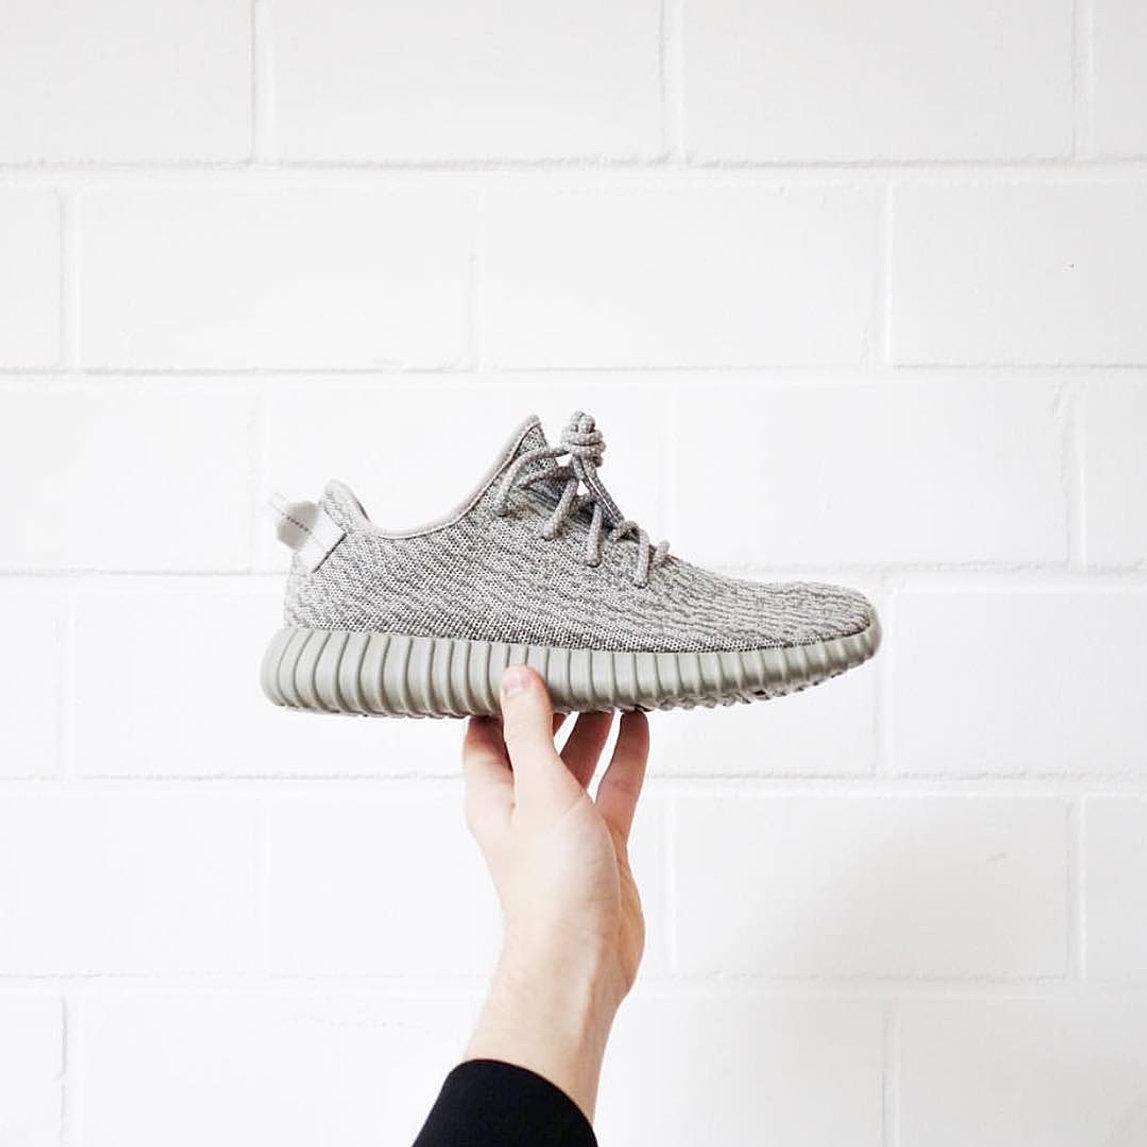 big sale 05725 c8449 adidas yeezy ioffer, yeezy shoes 2014